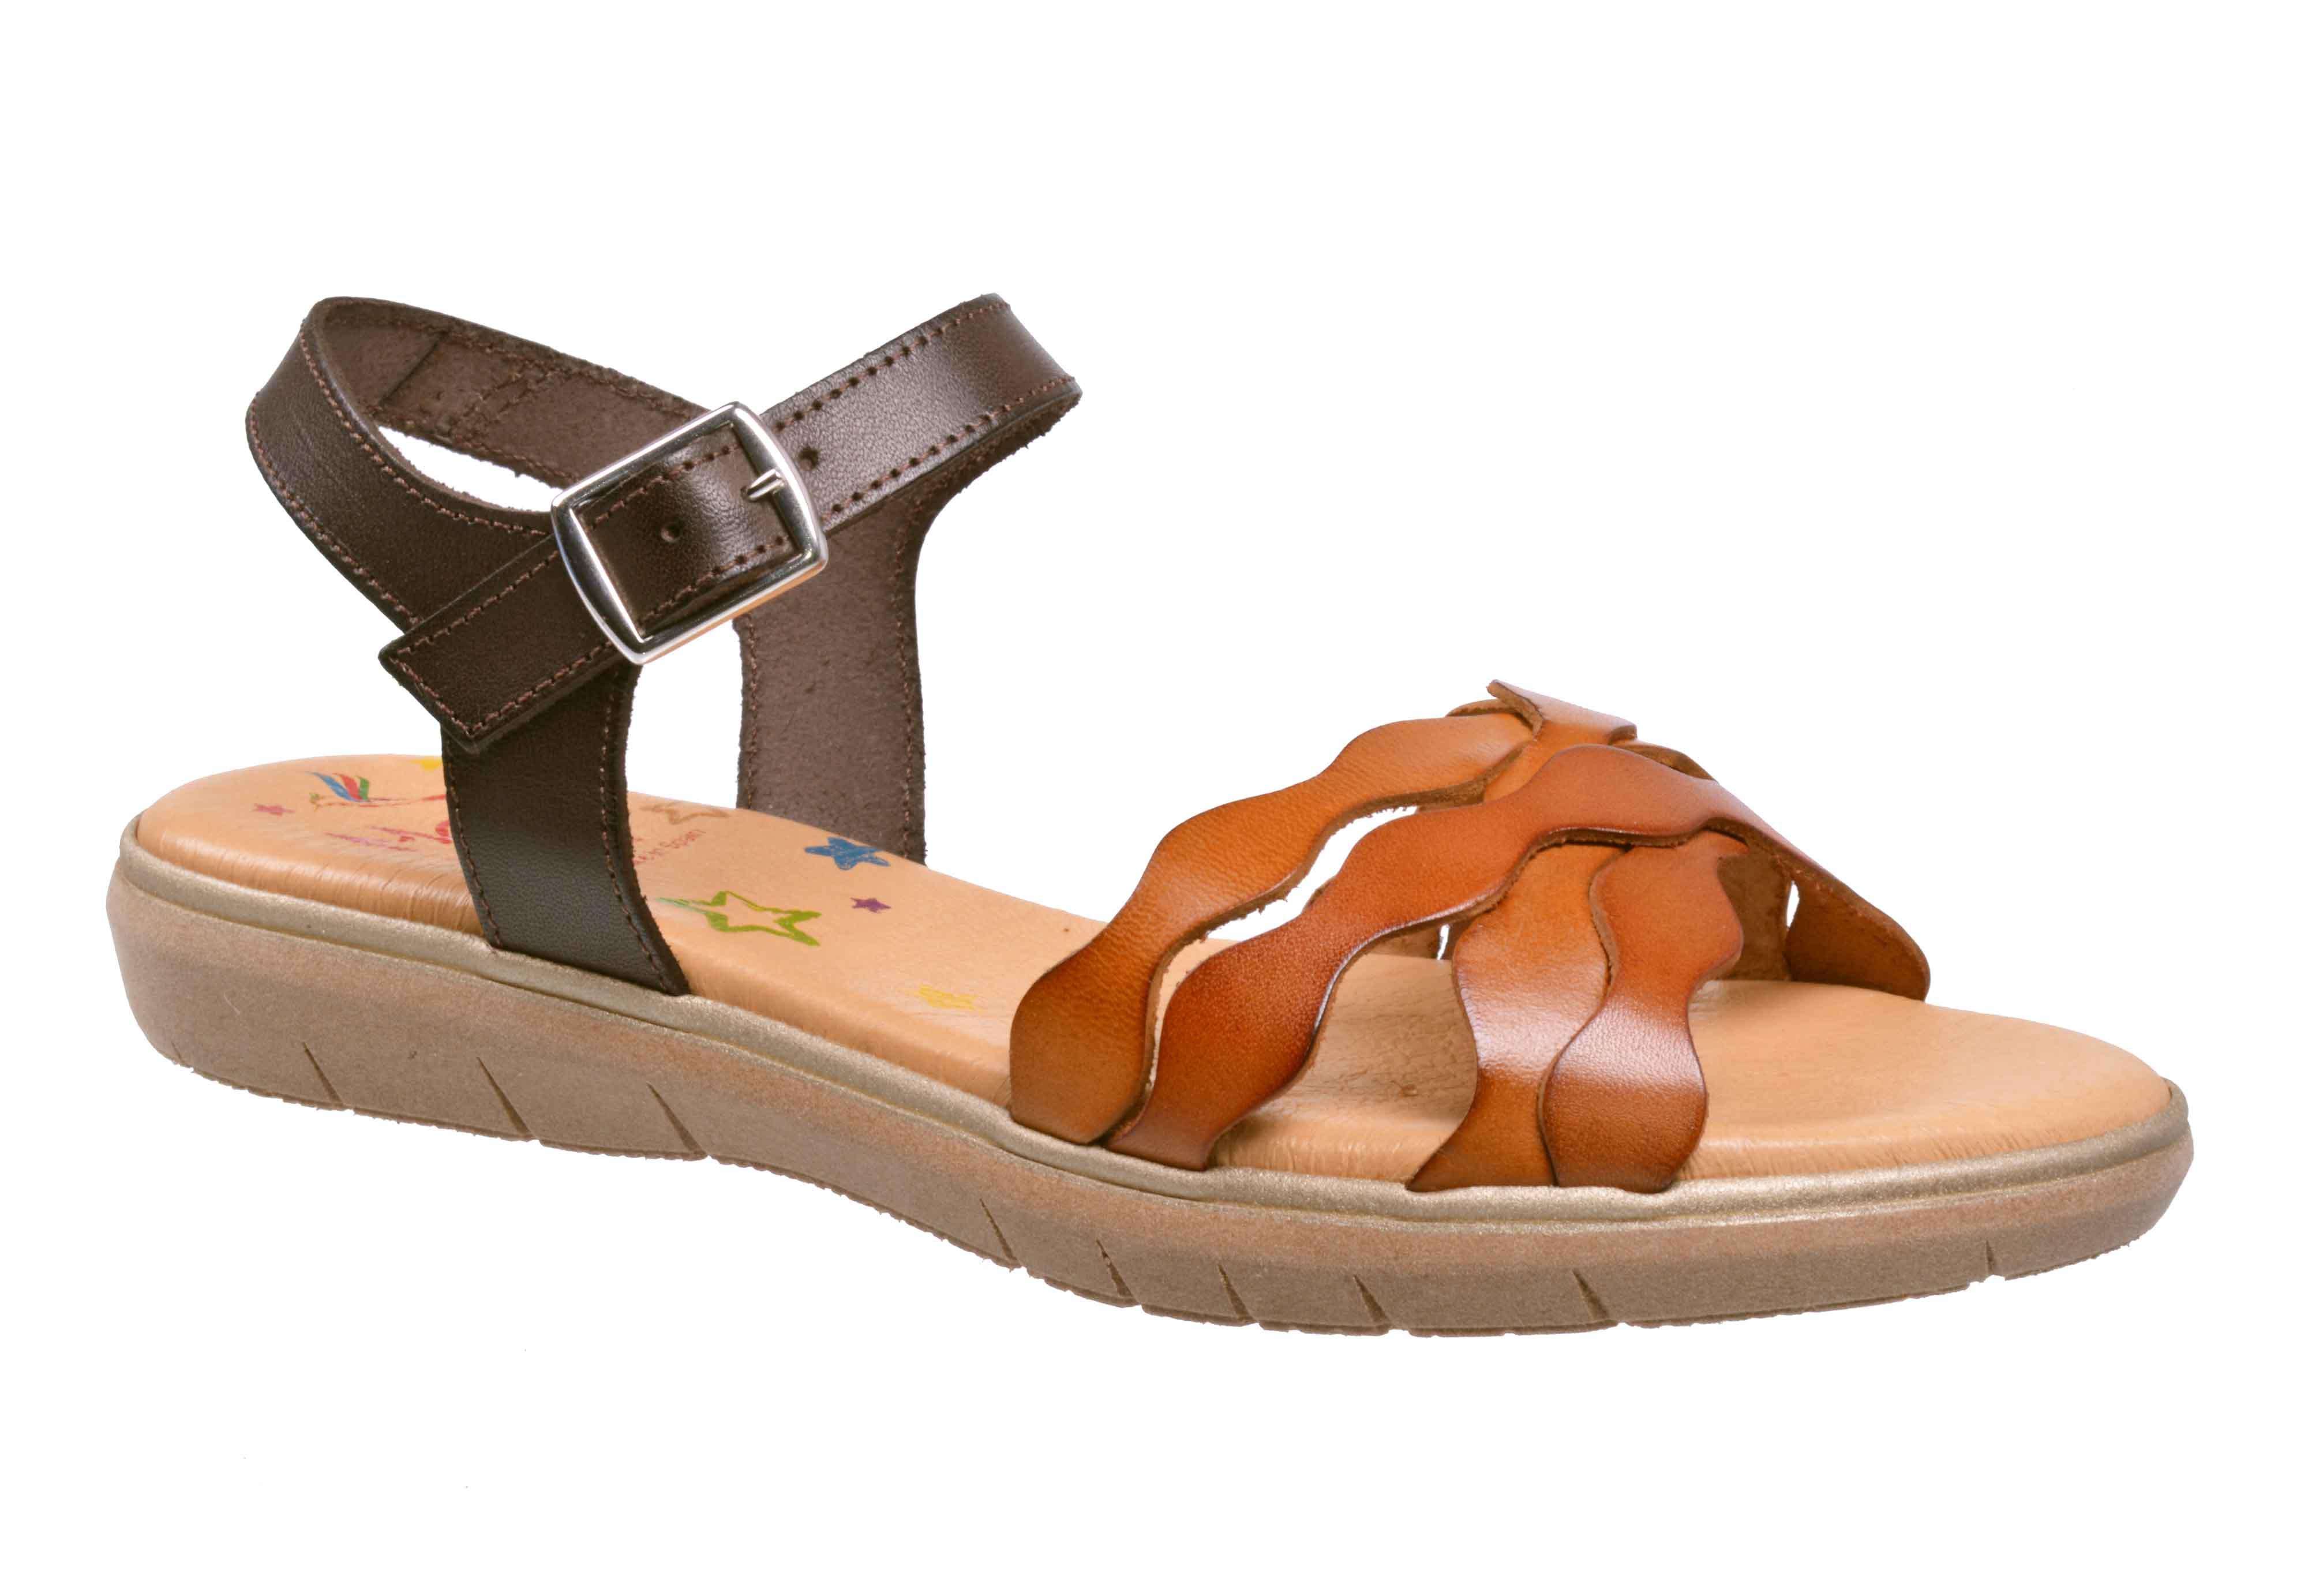 3fef3f12161 Γυναικεία Πέδιλα | Marila Shoes (Ταξινόμηση: Ακριβότερα) | Snif.gr